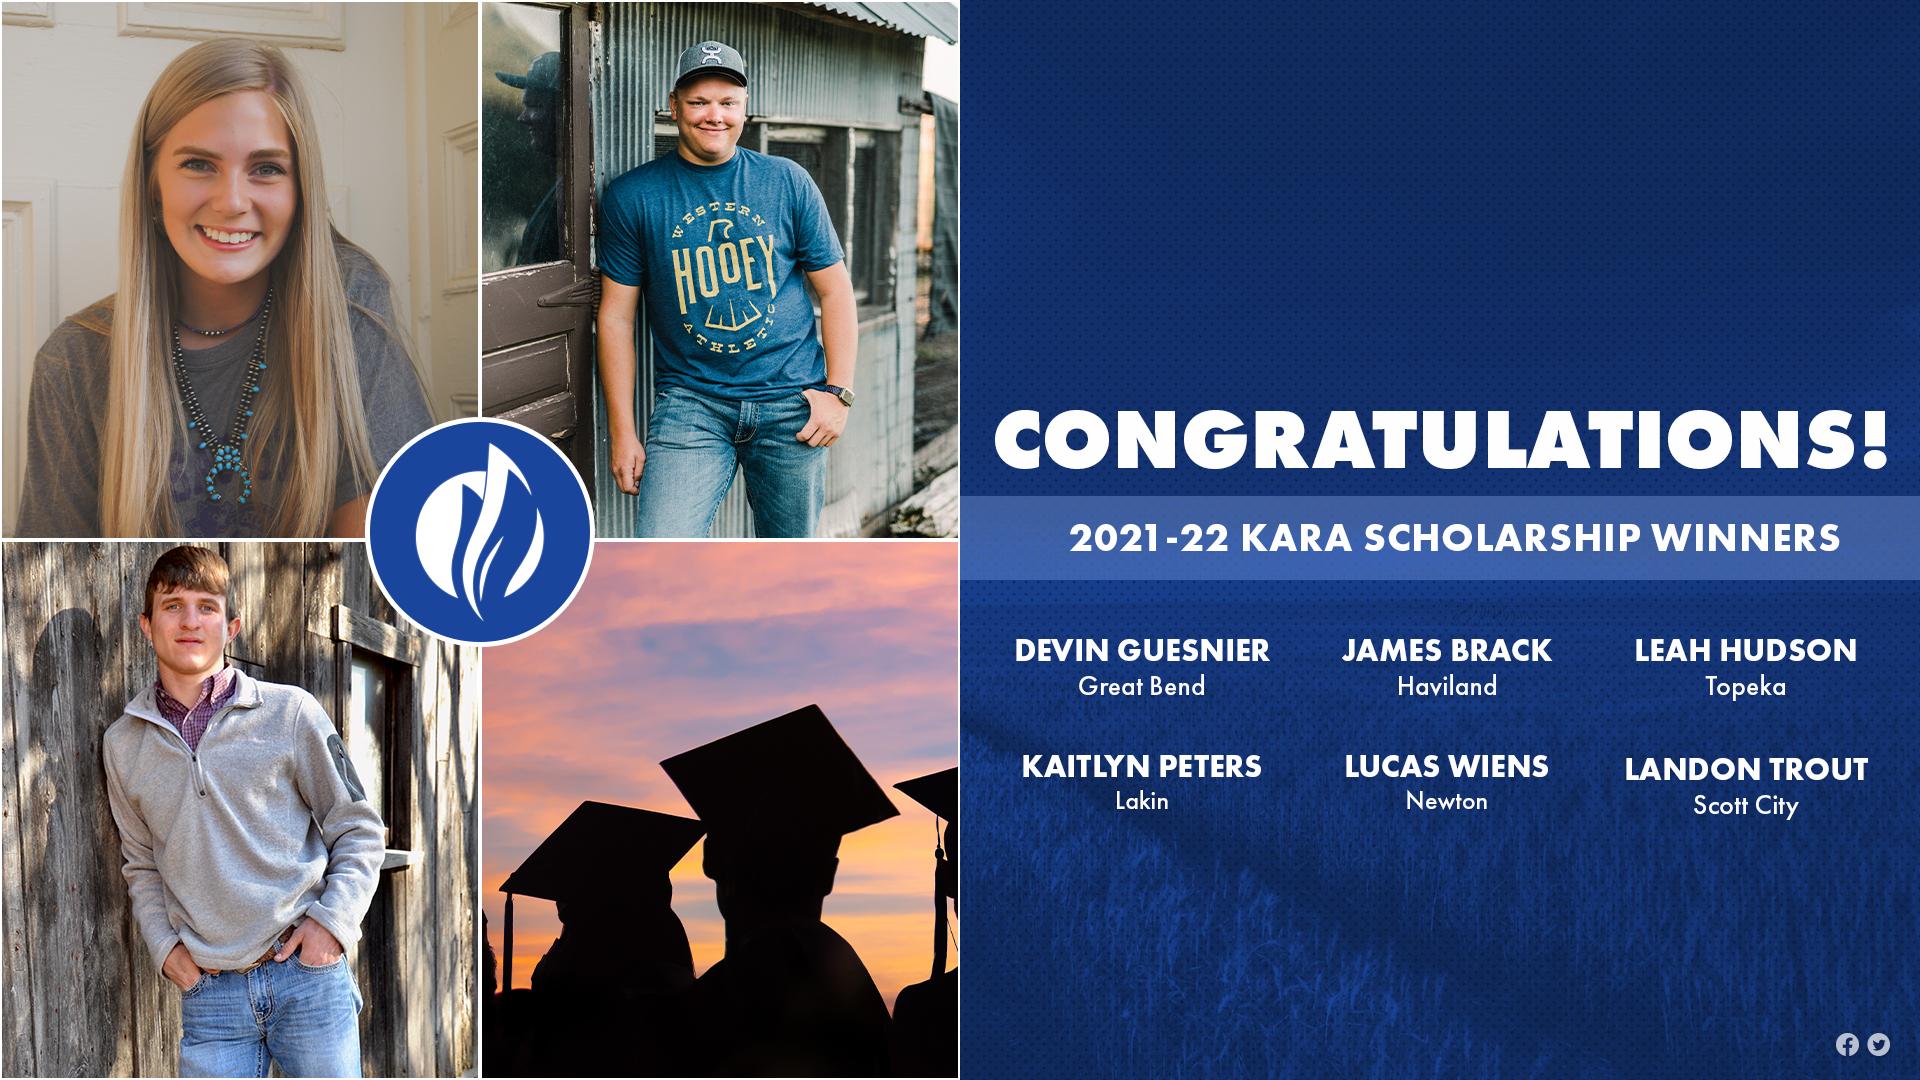 KARA Scholarship Winners